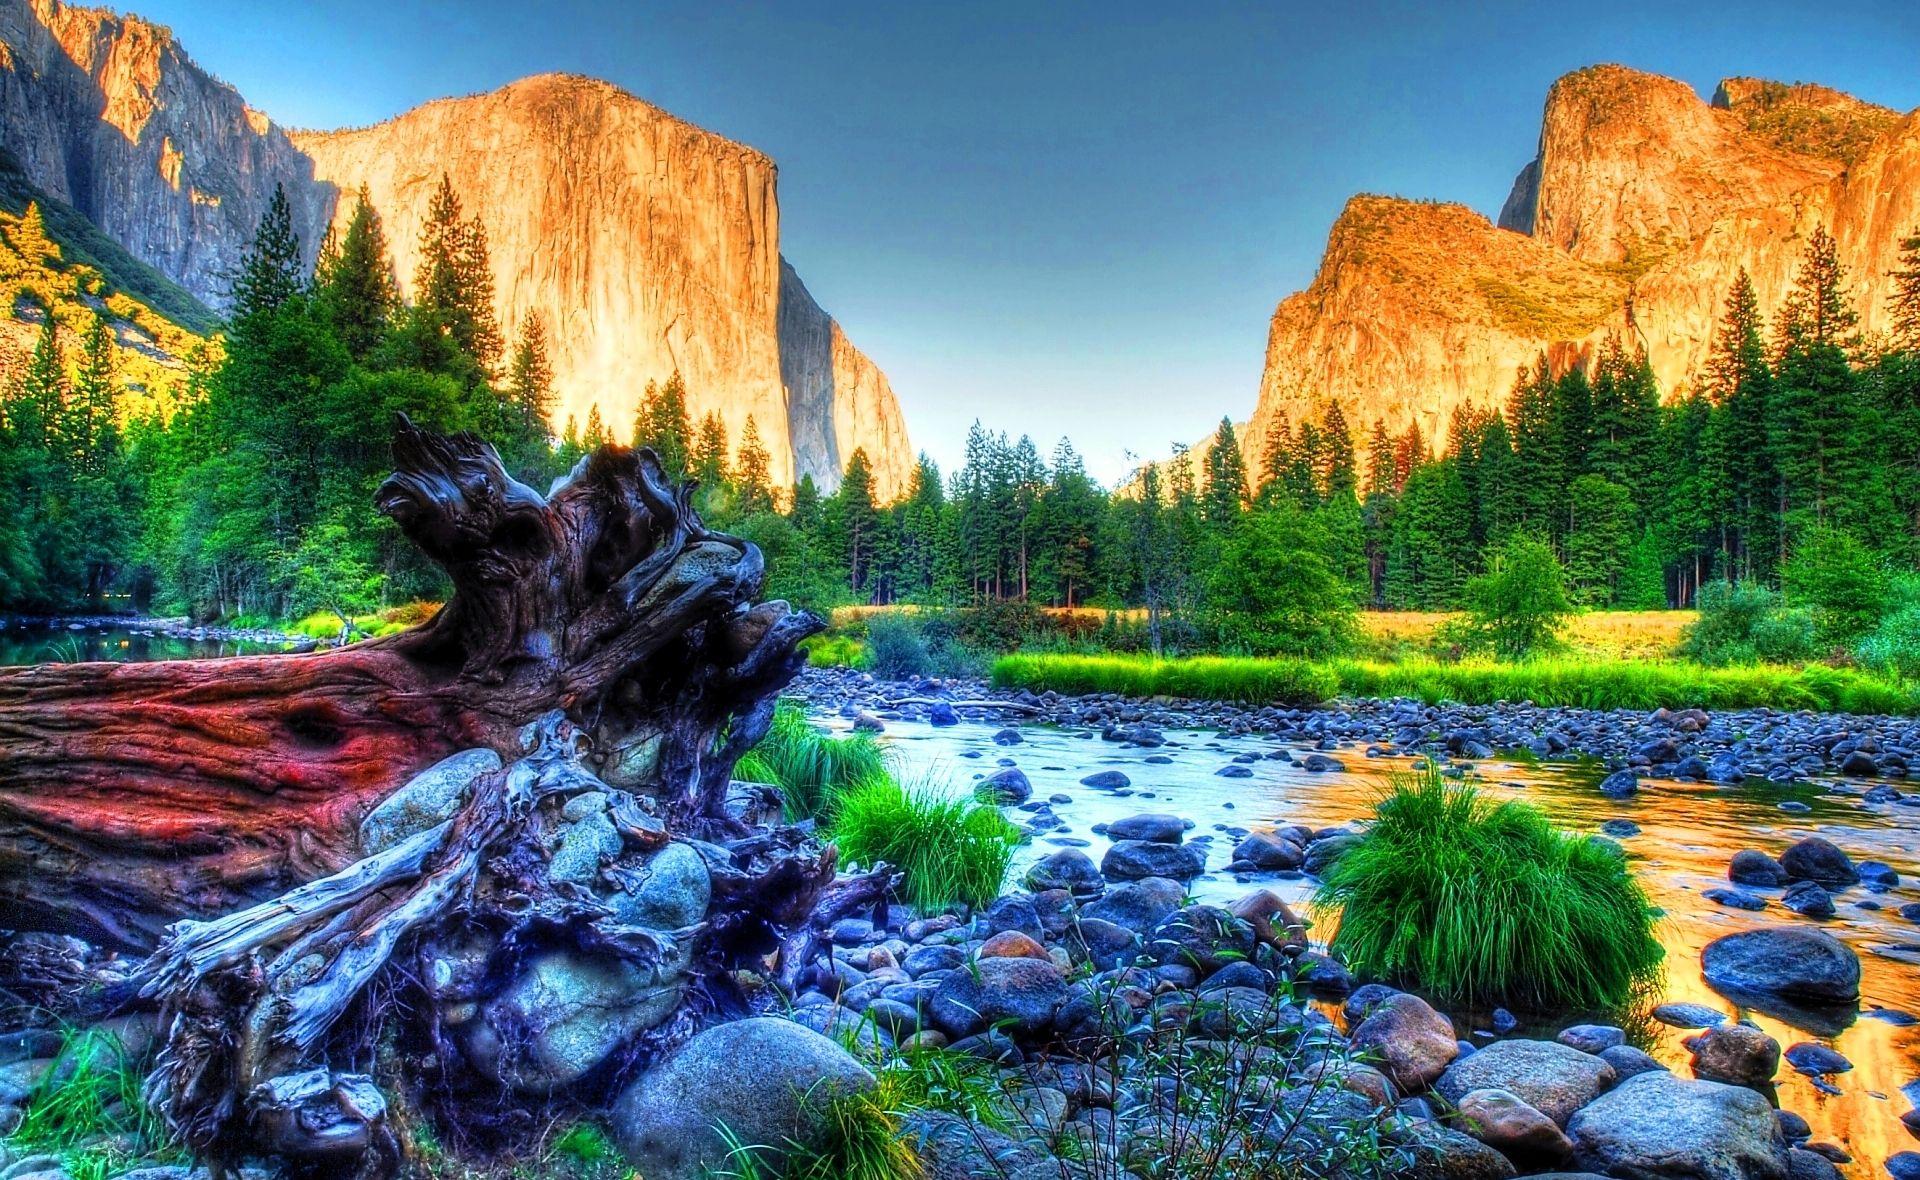 most beautiful yosemite national park 1920x1180